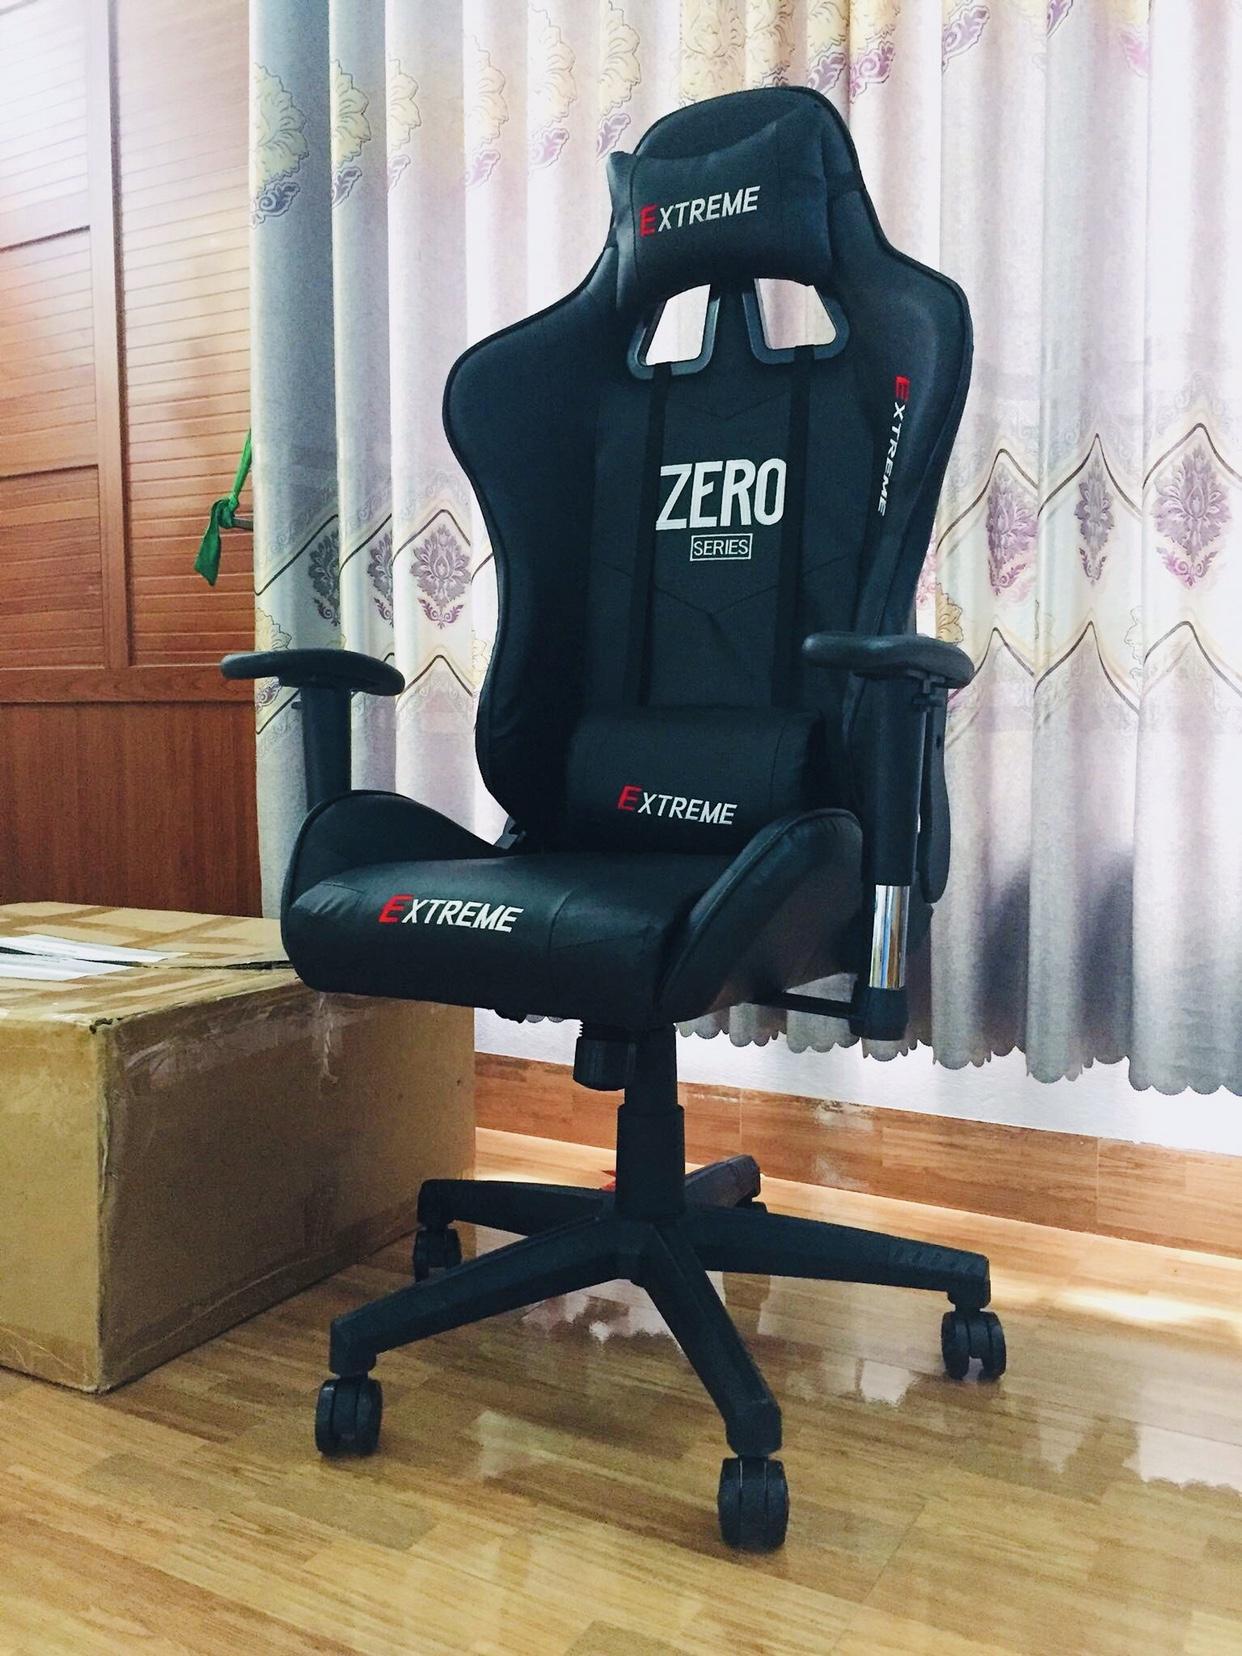 Ghế game - Ghế chơi game văn phòng Emvina EXTREME ZERO - ĐẲNG CẤP, SANG TRỌNG - Ghế Zero phù hợp cho góc làm việc, học tập, game thủ - Thiết kế bánh xe, Xoay tròn, Ngã 180 độ, Da cao cấp - Nhiều màu - Emvina Vietnam Lắp đặt và Bảo hành